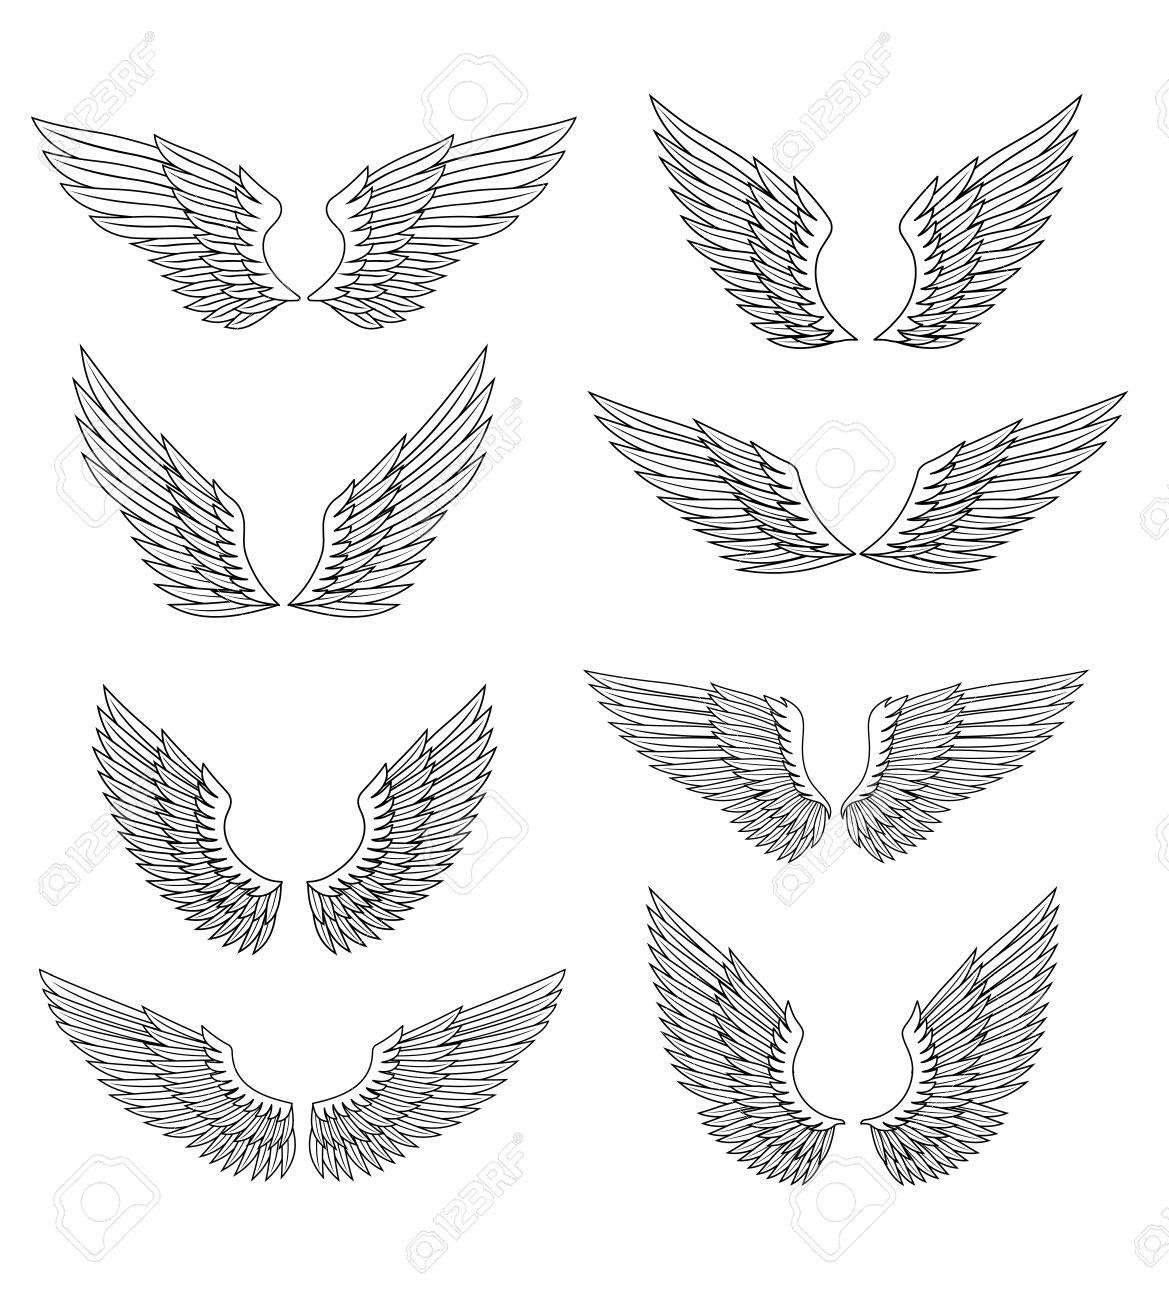 ailes héraldiques et jeu de plume pour la conception, isolé sur